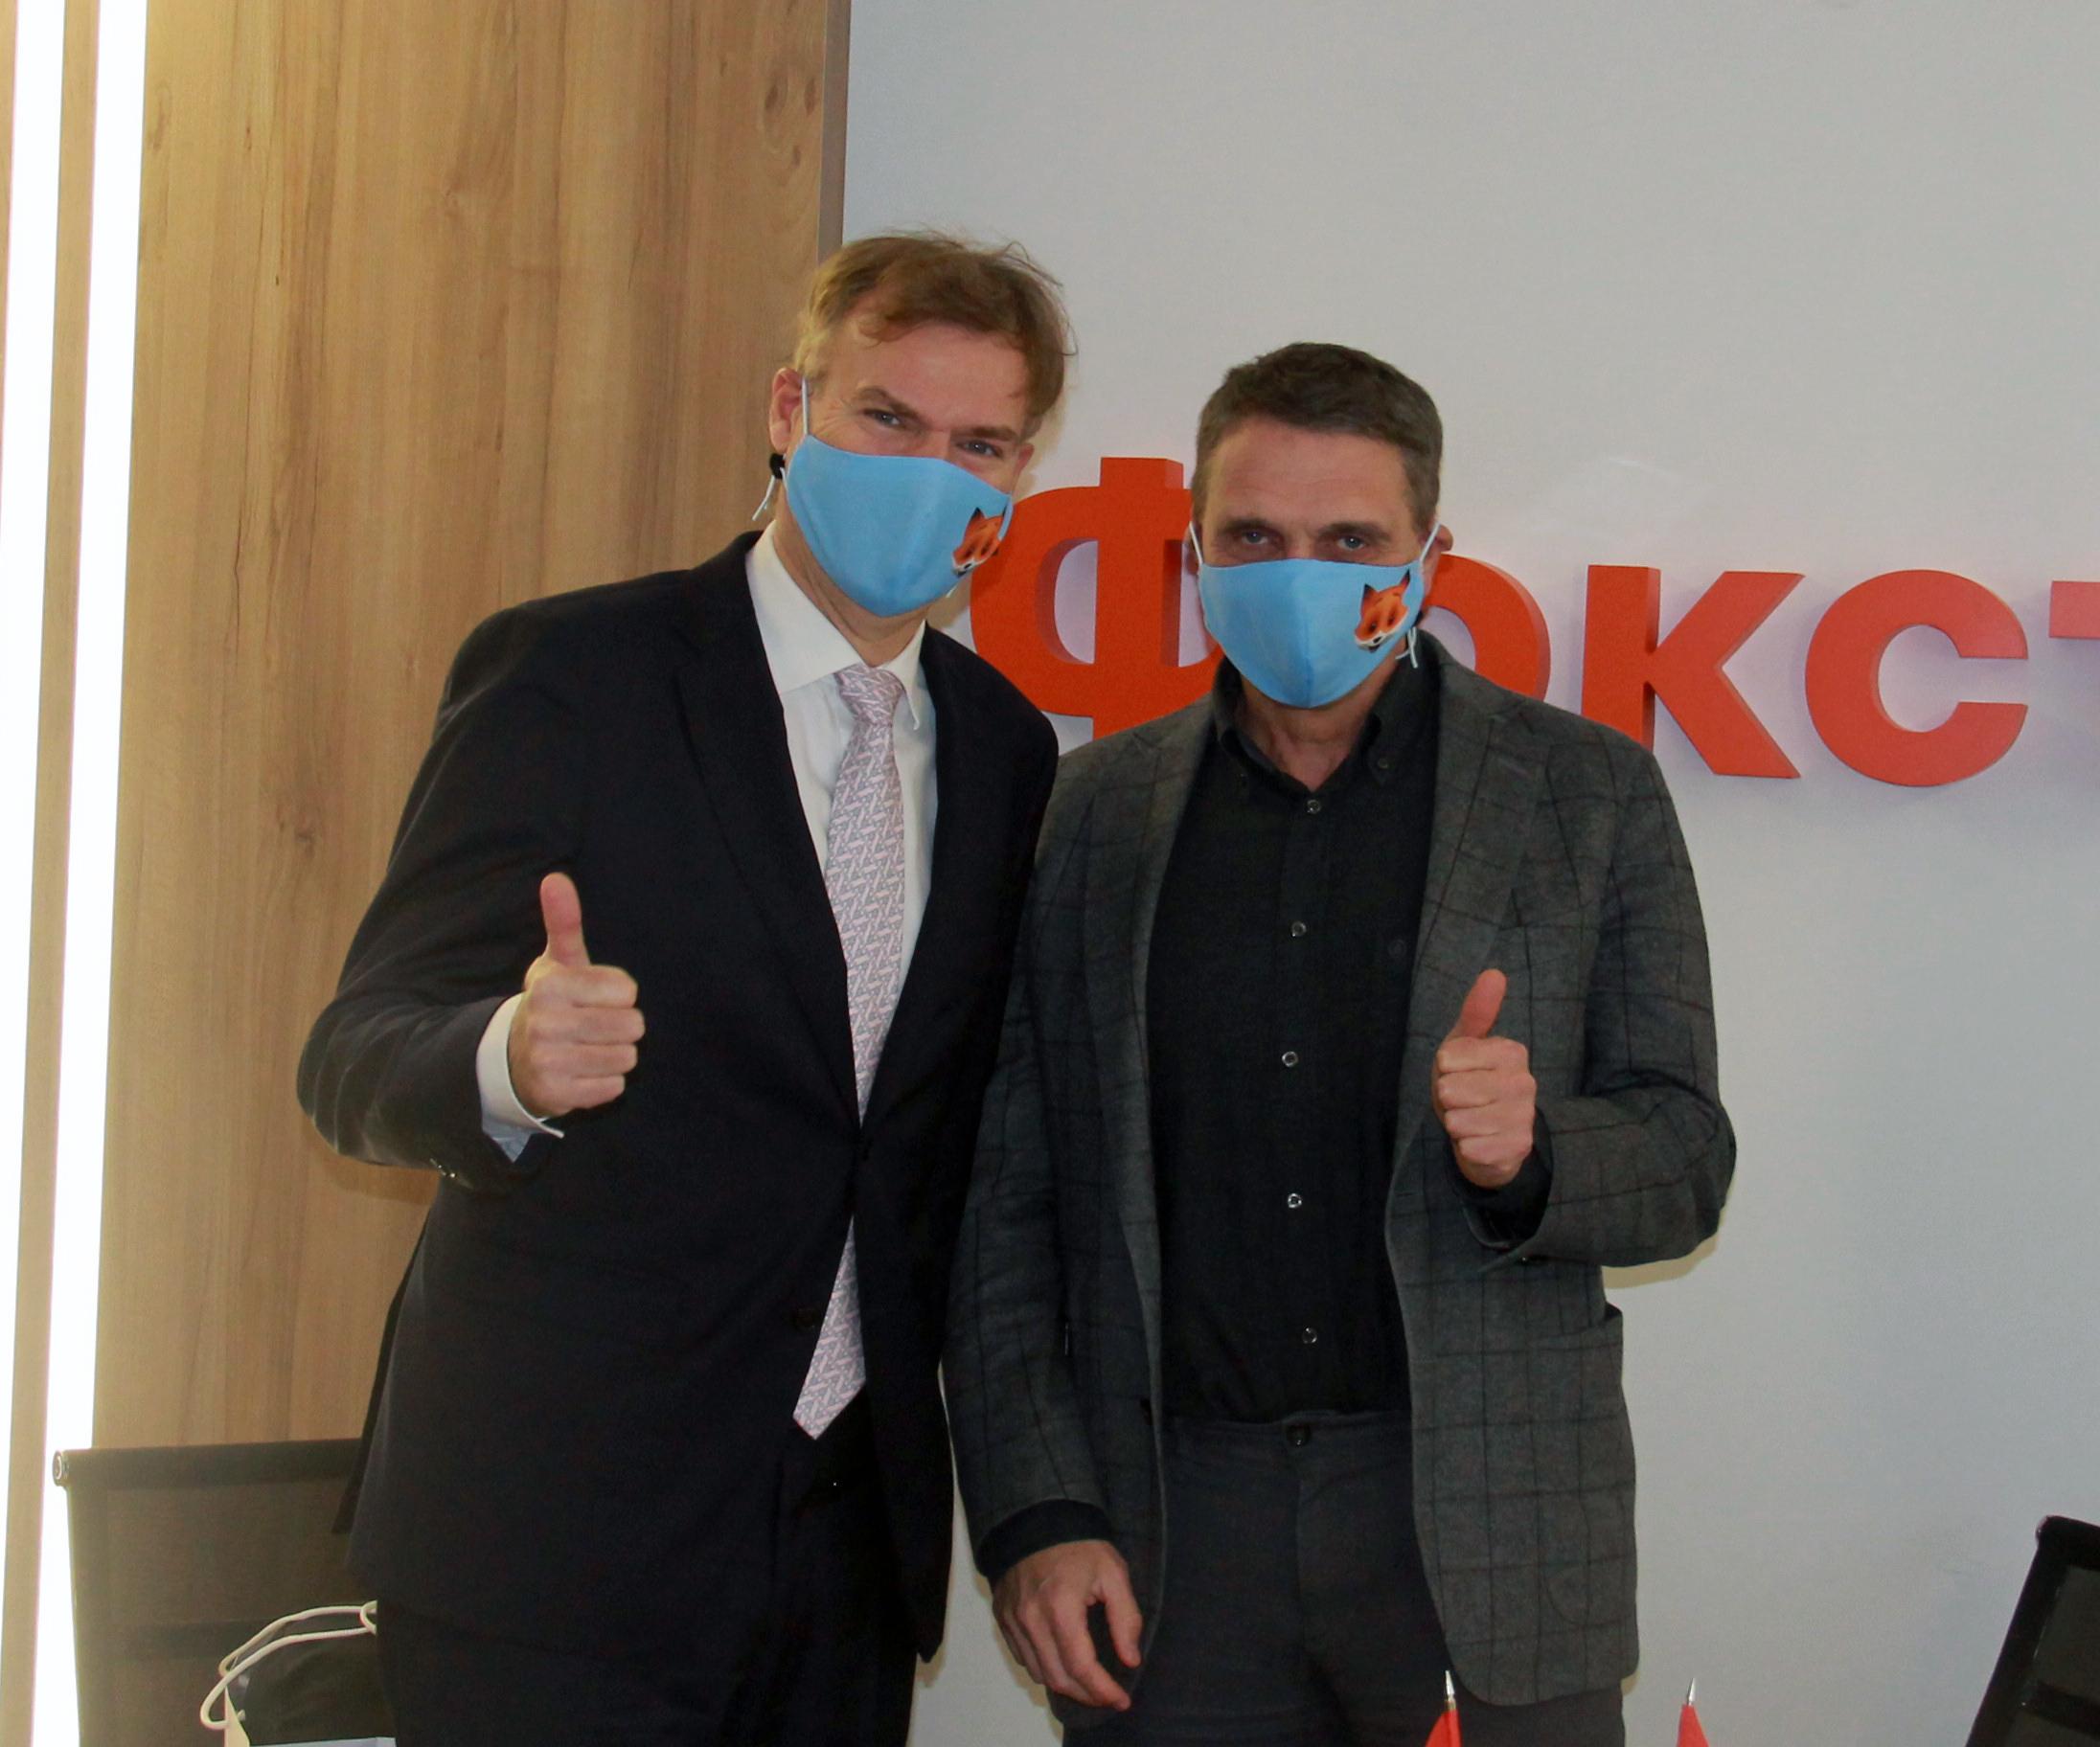 Фокстрот і Microsoft Україна домовилися розглянути потенційне співробітництво у сфері цифрової трансформації ритейлу